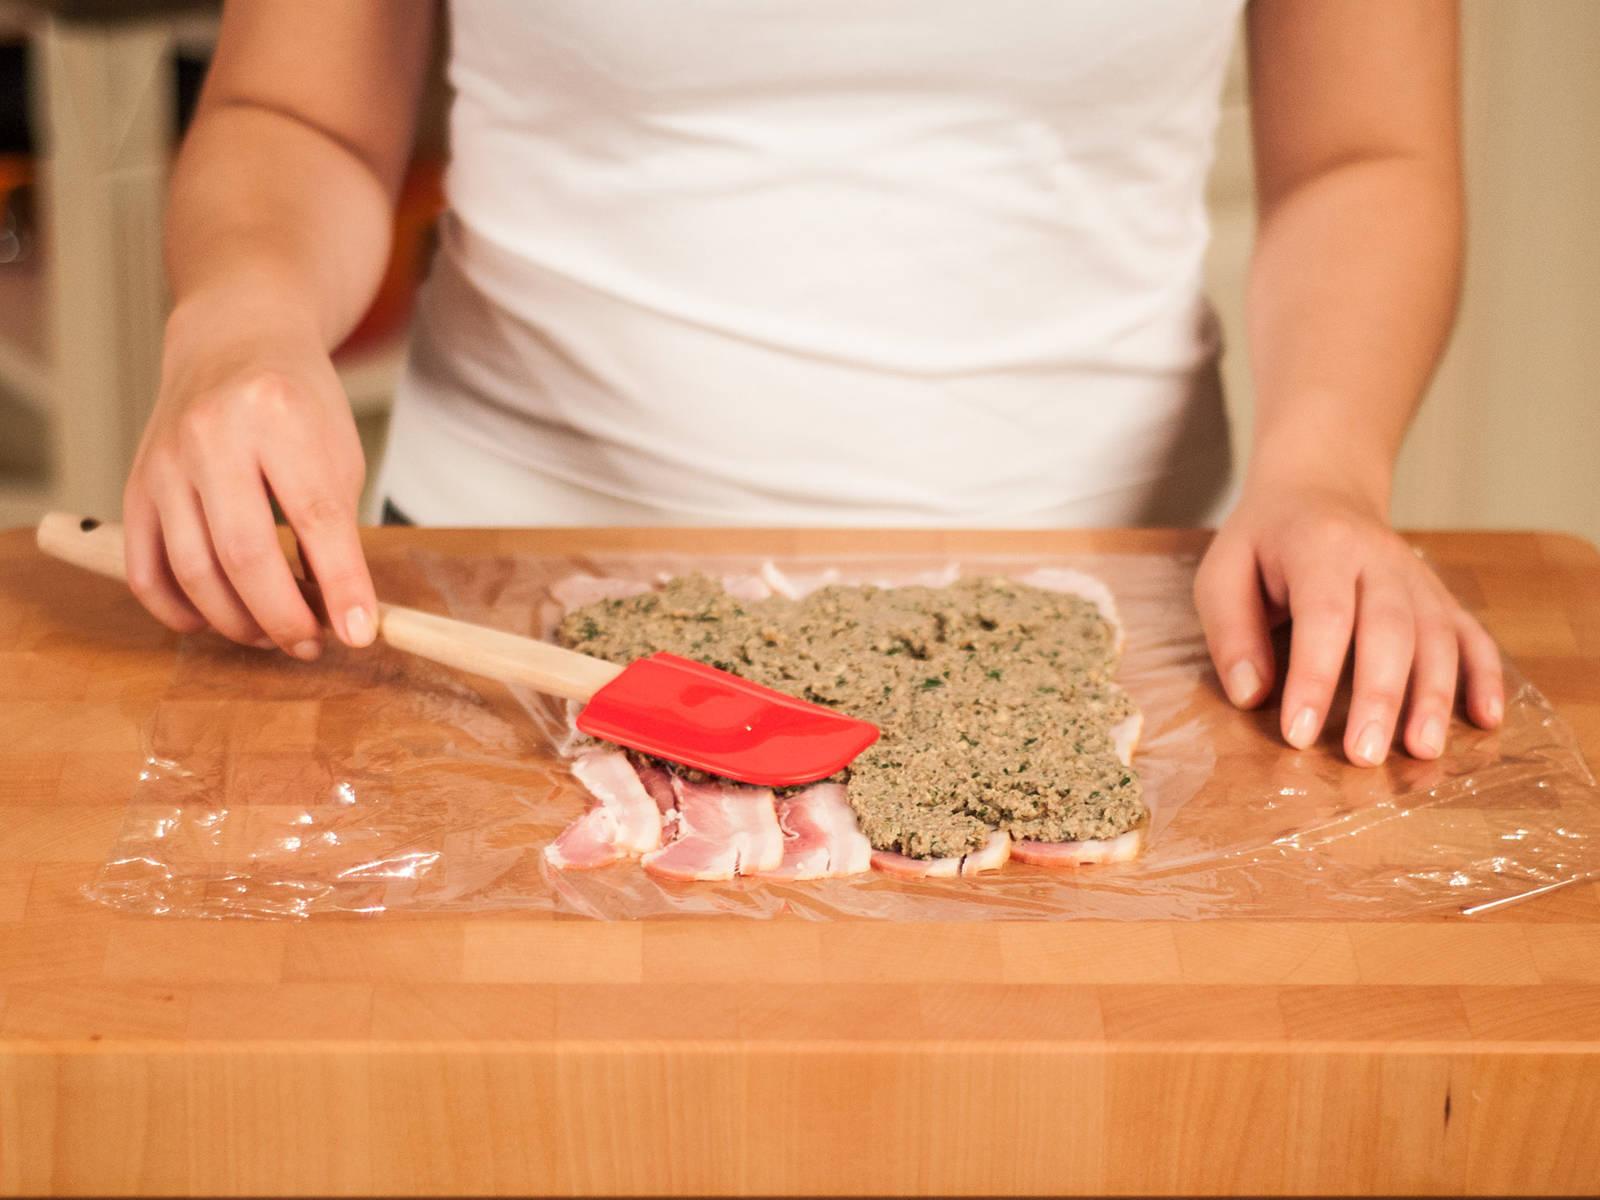 在砧板上铺一大张保鲜膜。将一半培根片排列在中间,将蘑菇泥铺在培根上,然后将牛里脊放在上面,将剩余的蘑菇泥铺在牛肉上,再盖上培根片。用保鲜膜包起来,使牛肉被蘑菇泥和培根紧紧包裹。放入冰箱冷藏30分钟左右。